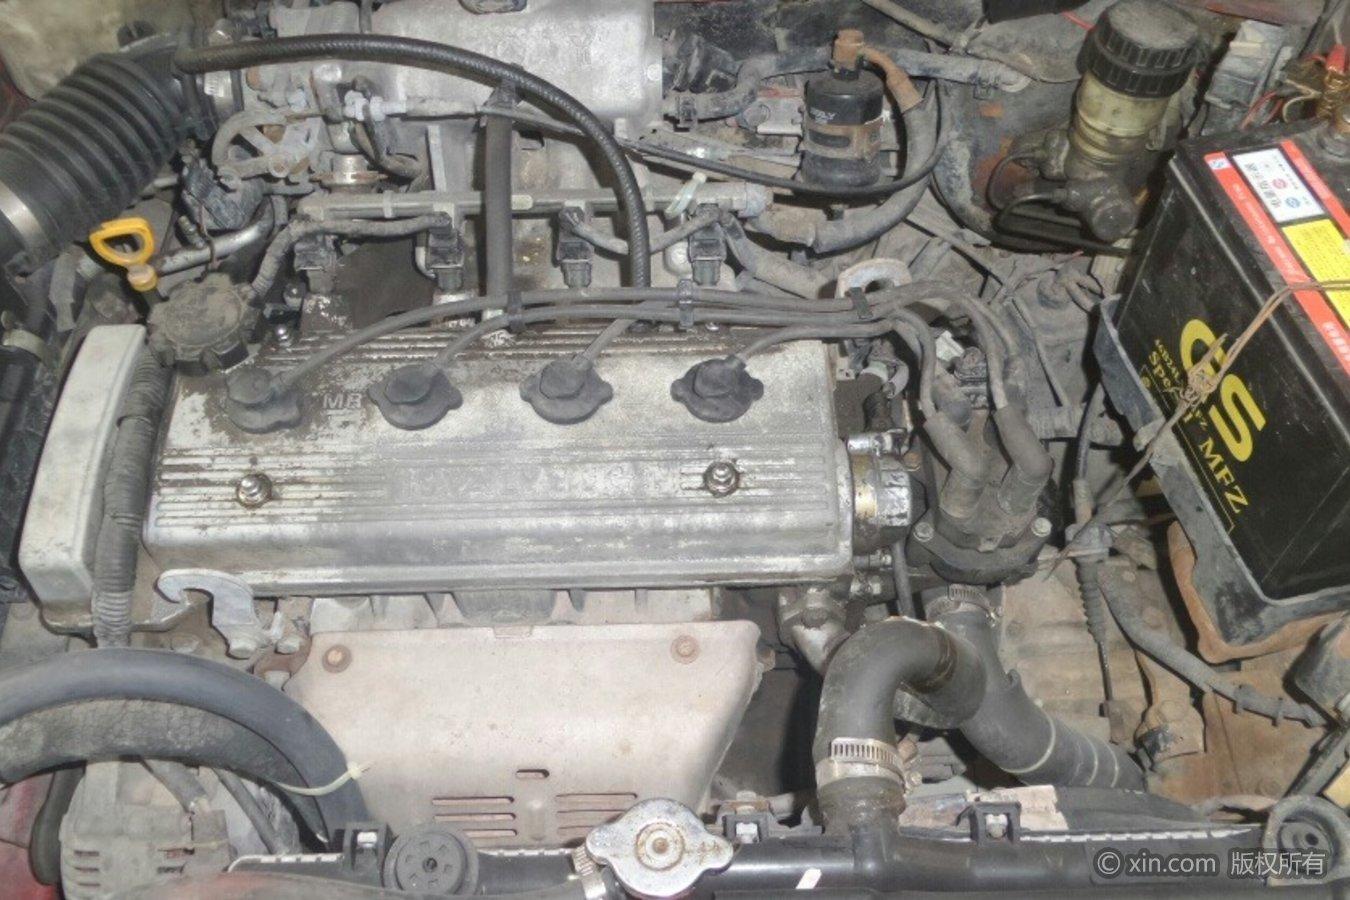 吉利汽车美人豹发动机